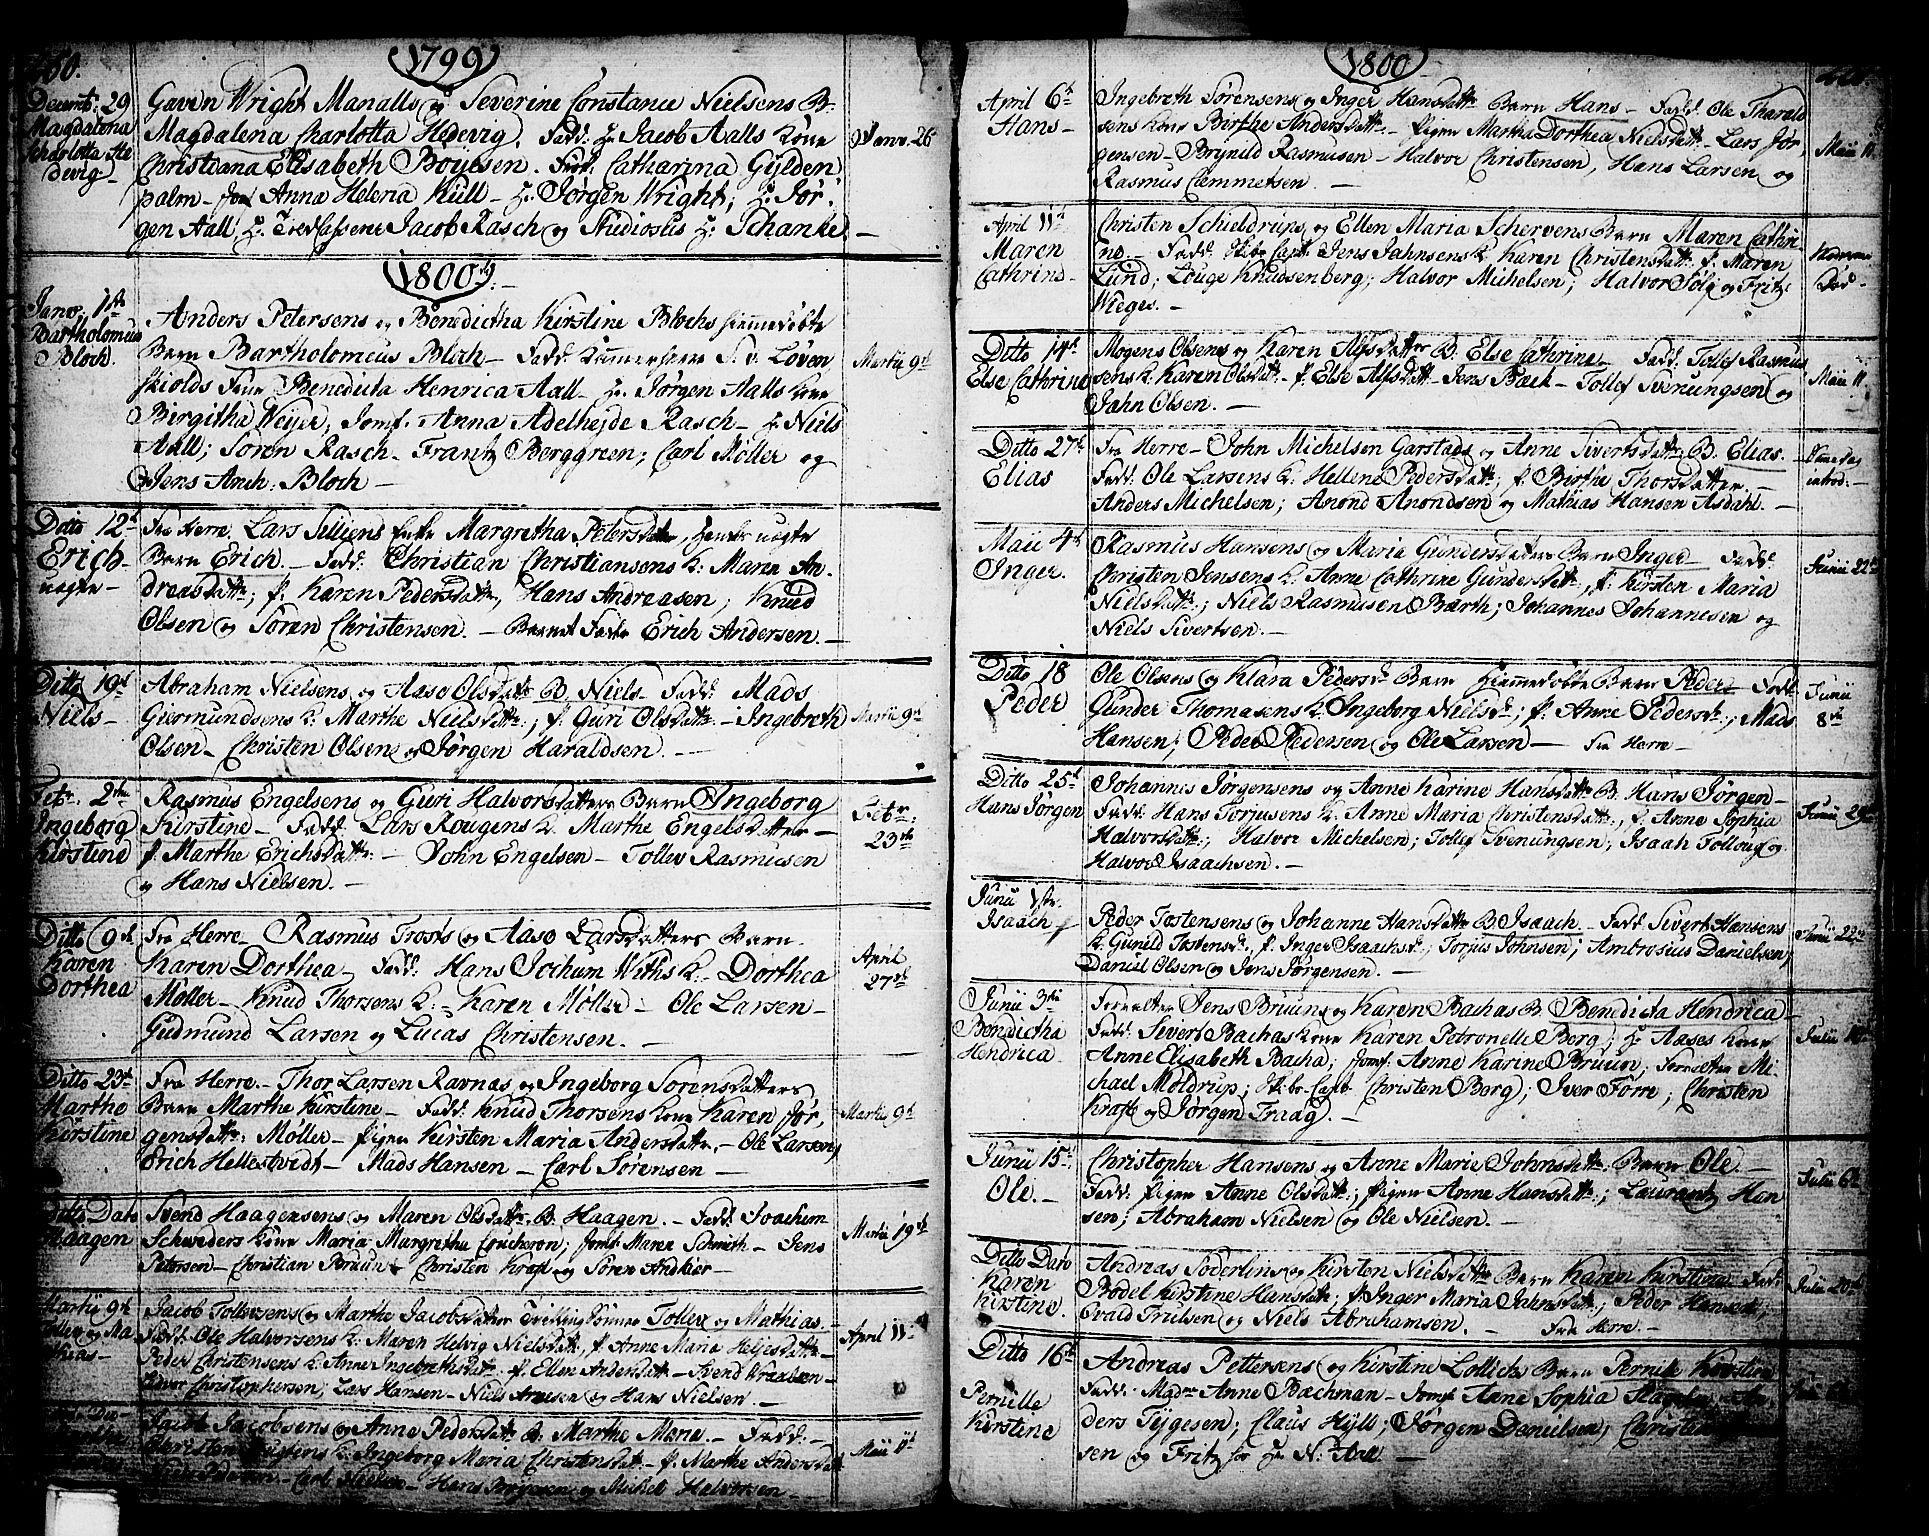 SAKO, Porsgrunn kirkebøker , F/Fa/L0002: Ministerialbok nr. 2, 1764-1814, s. 250-251